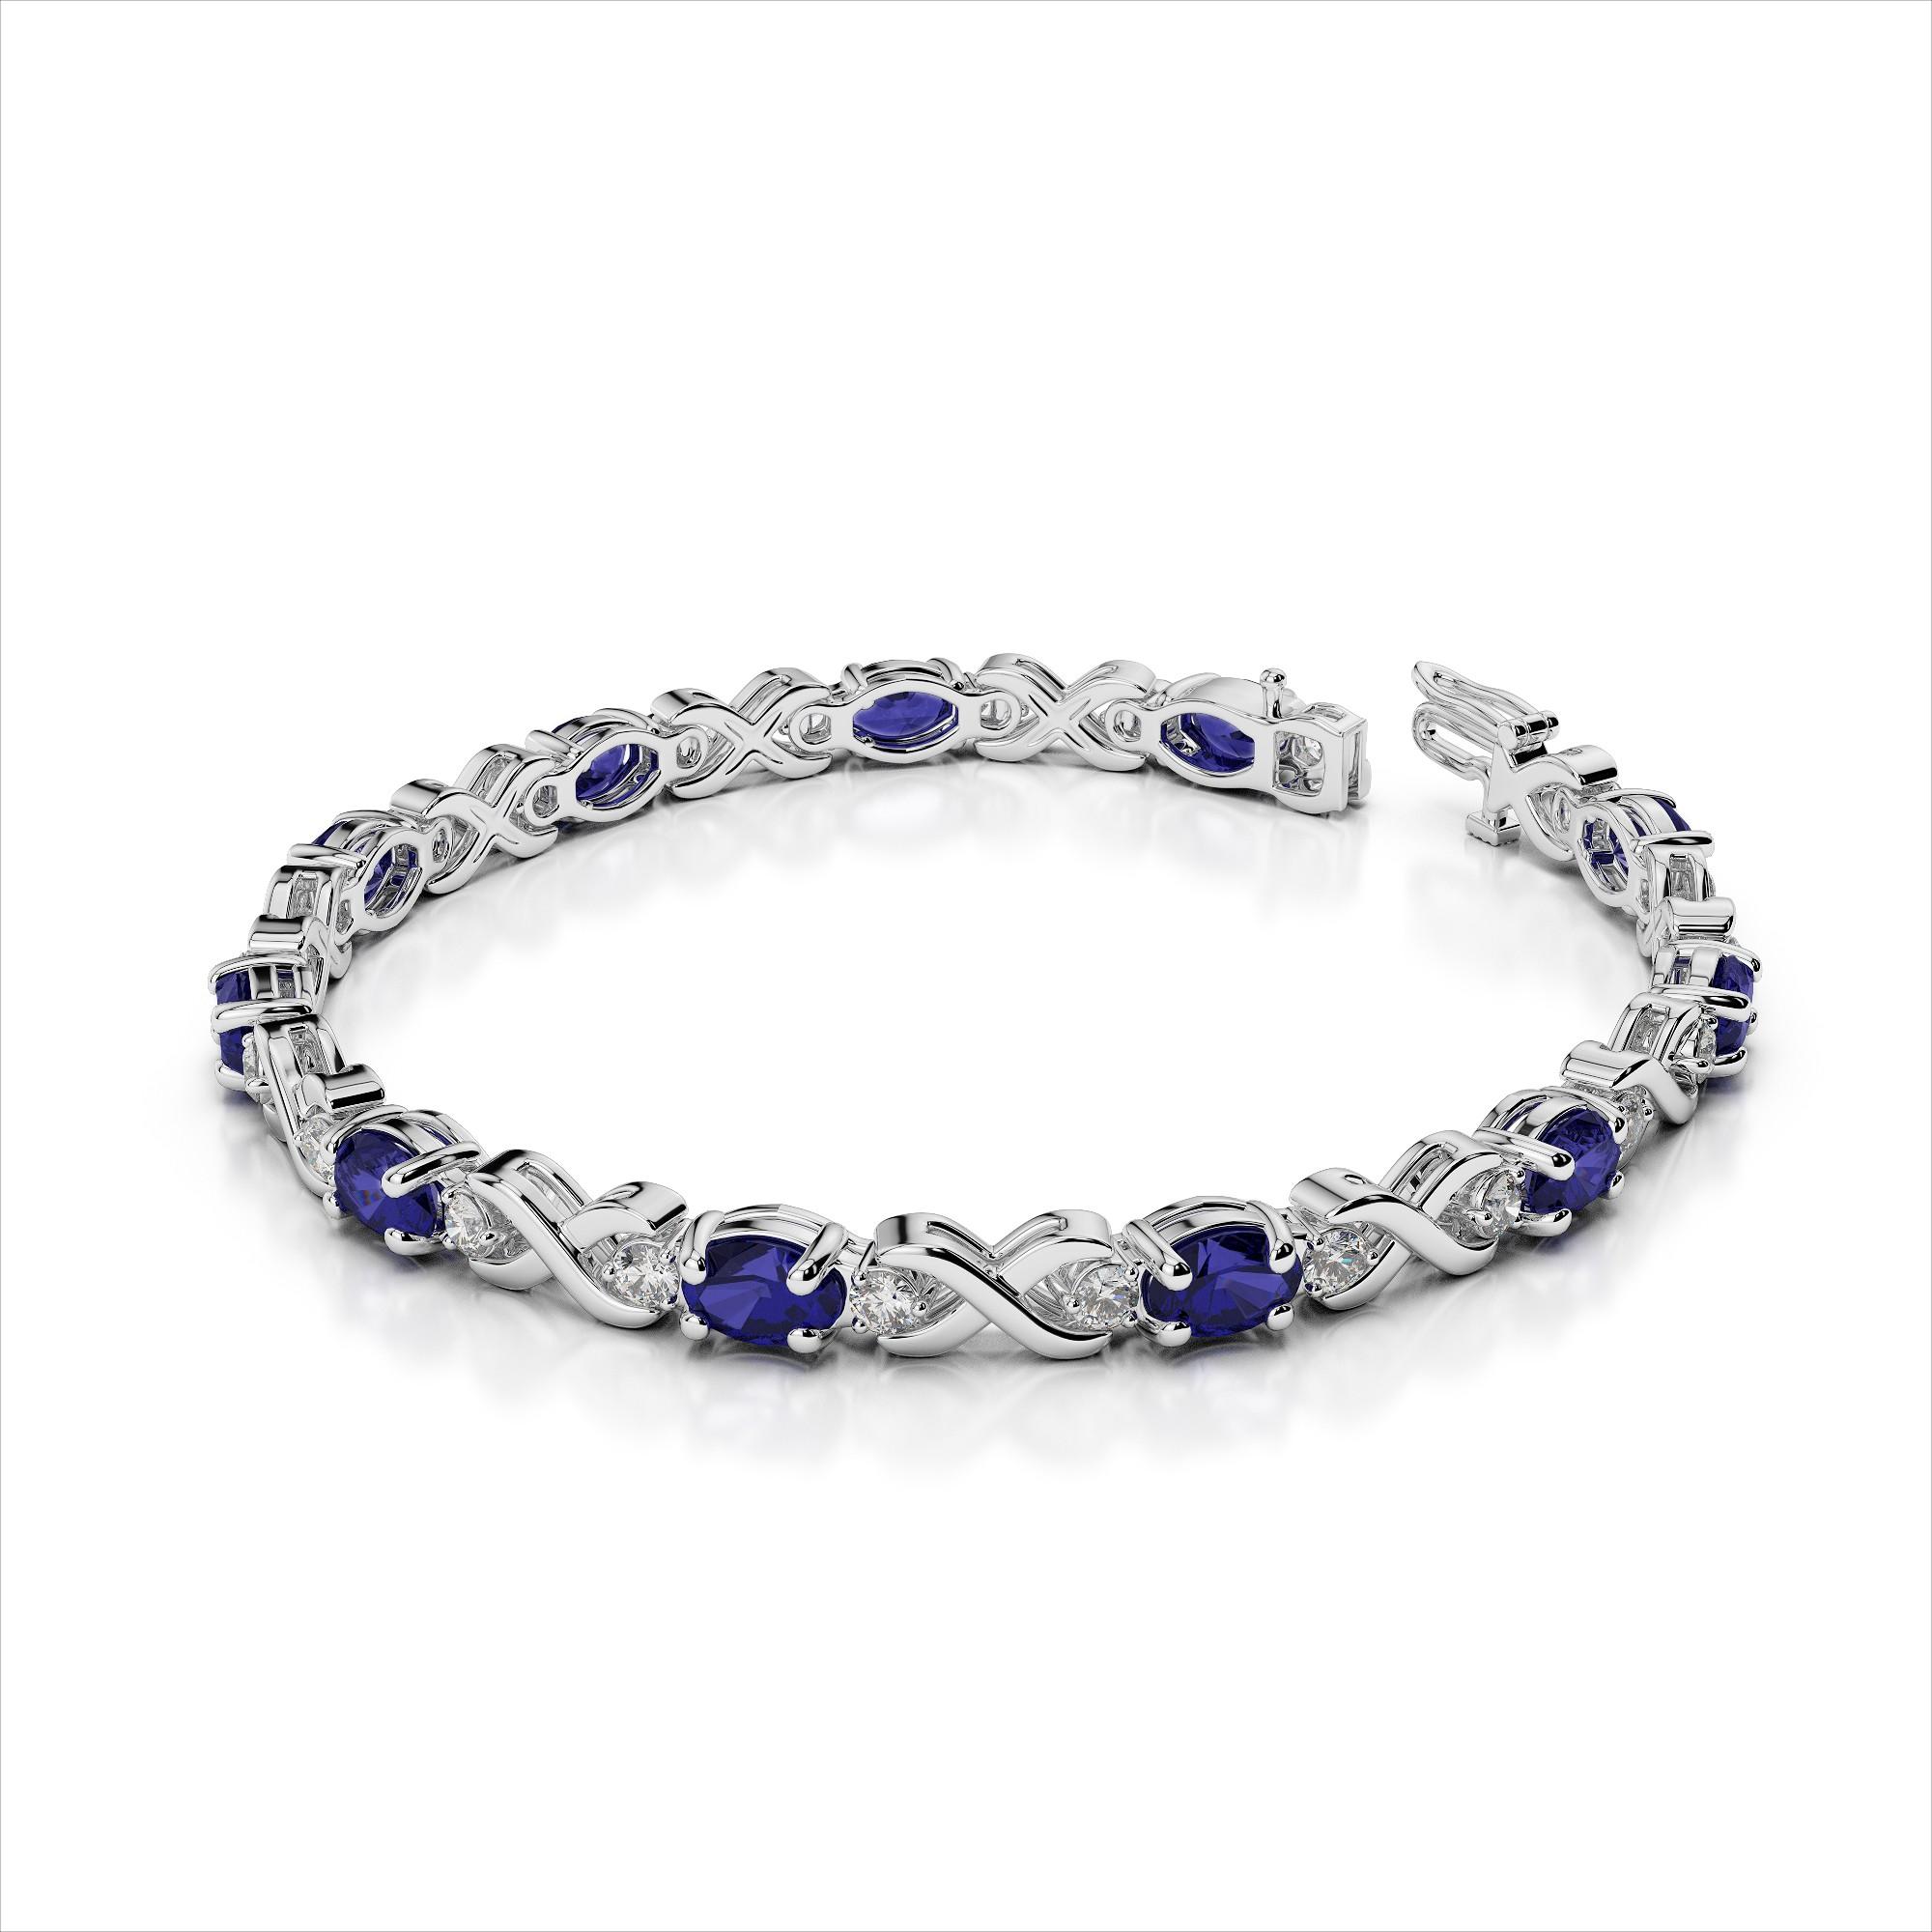 Diamond & Oval 6x4mm Gemstone X Link Bracelet